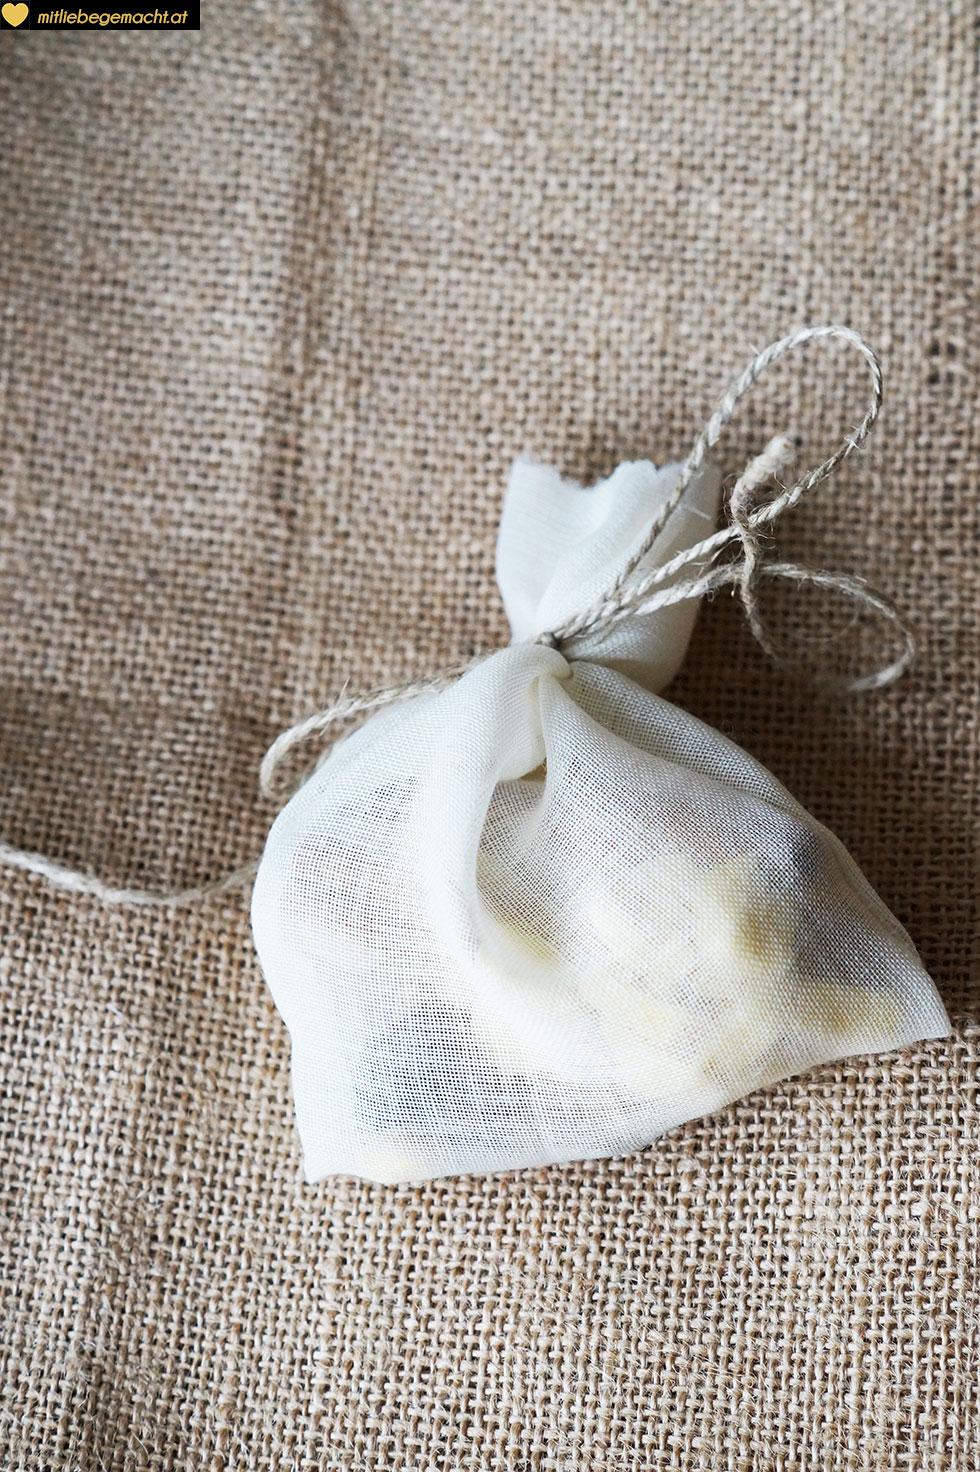 gefüllter Baumwollbeutel